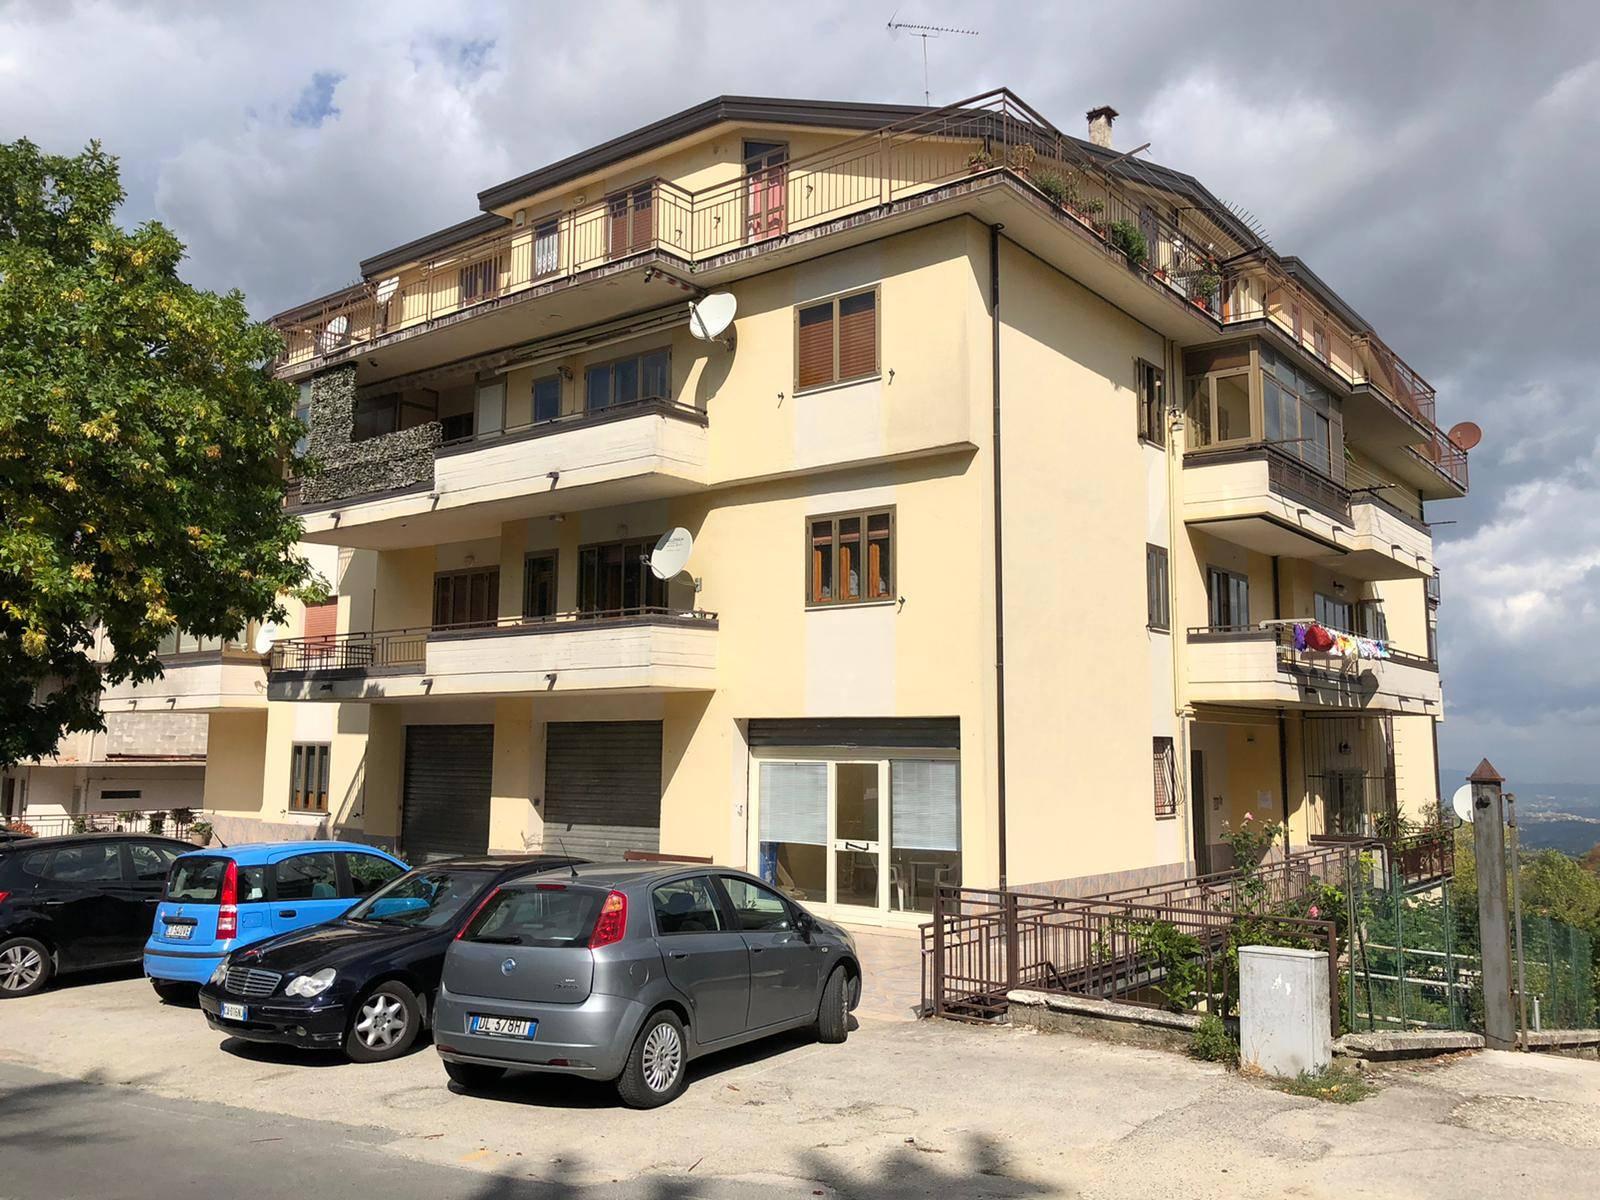 Attico / Mansarda in vendita a Montemarano, 4 locali, prezzo € 69.000   PortaleAgenzieImmobiliari.it